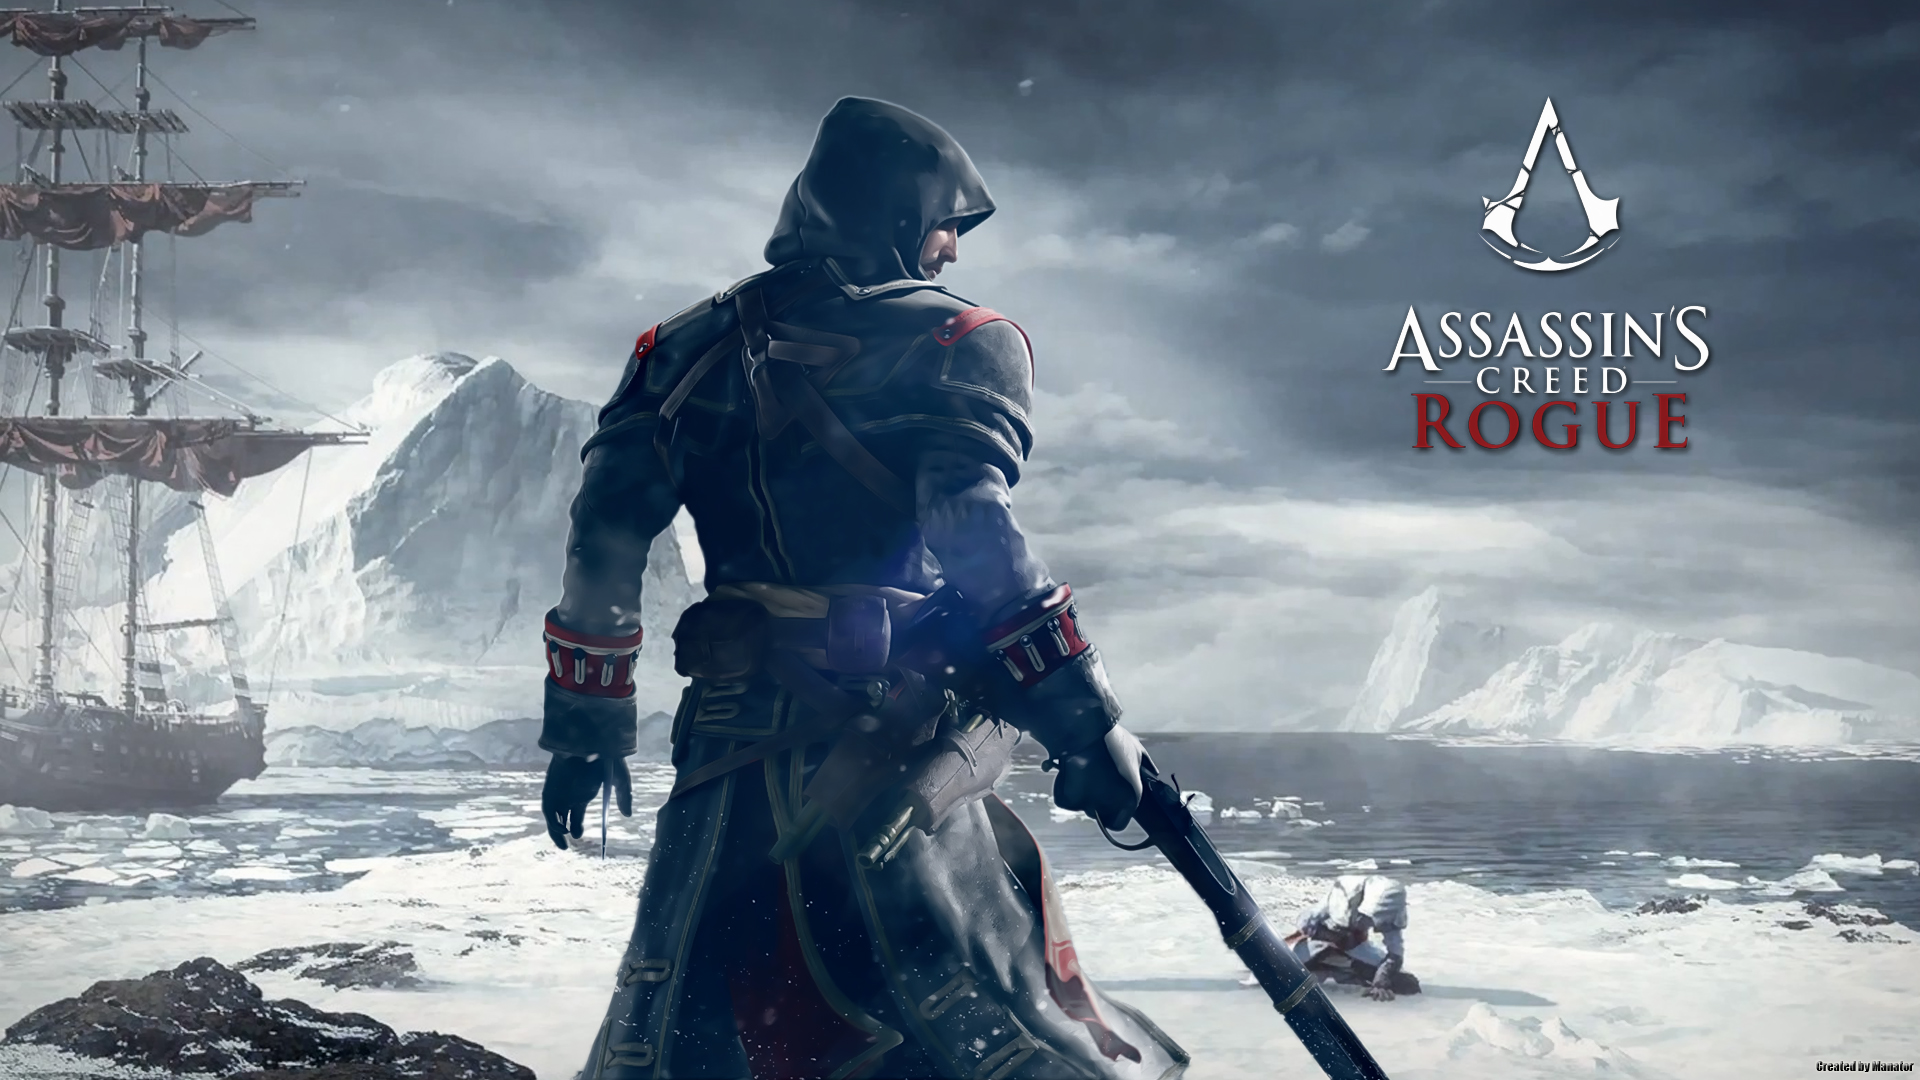 Assassin's Creed Rogue Lands On PC | Broken Joysticks